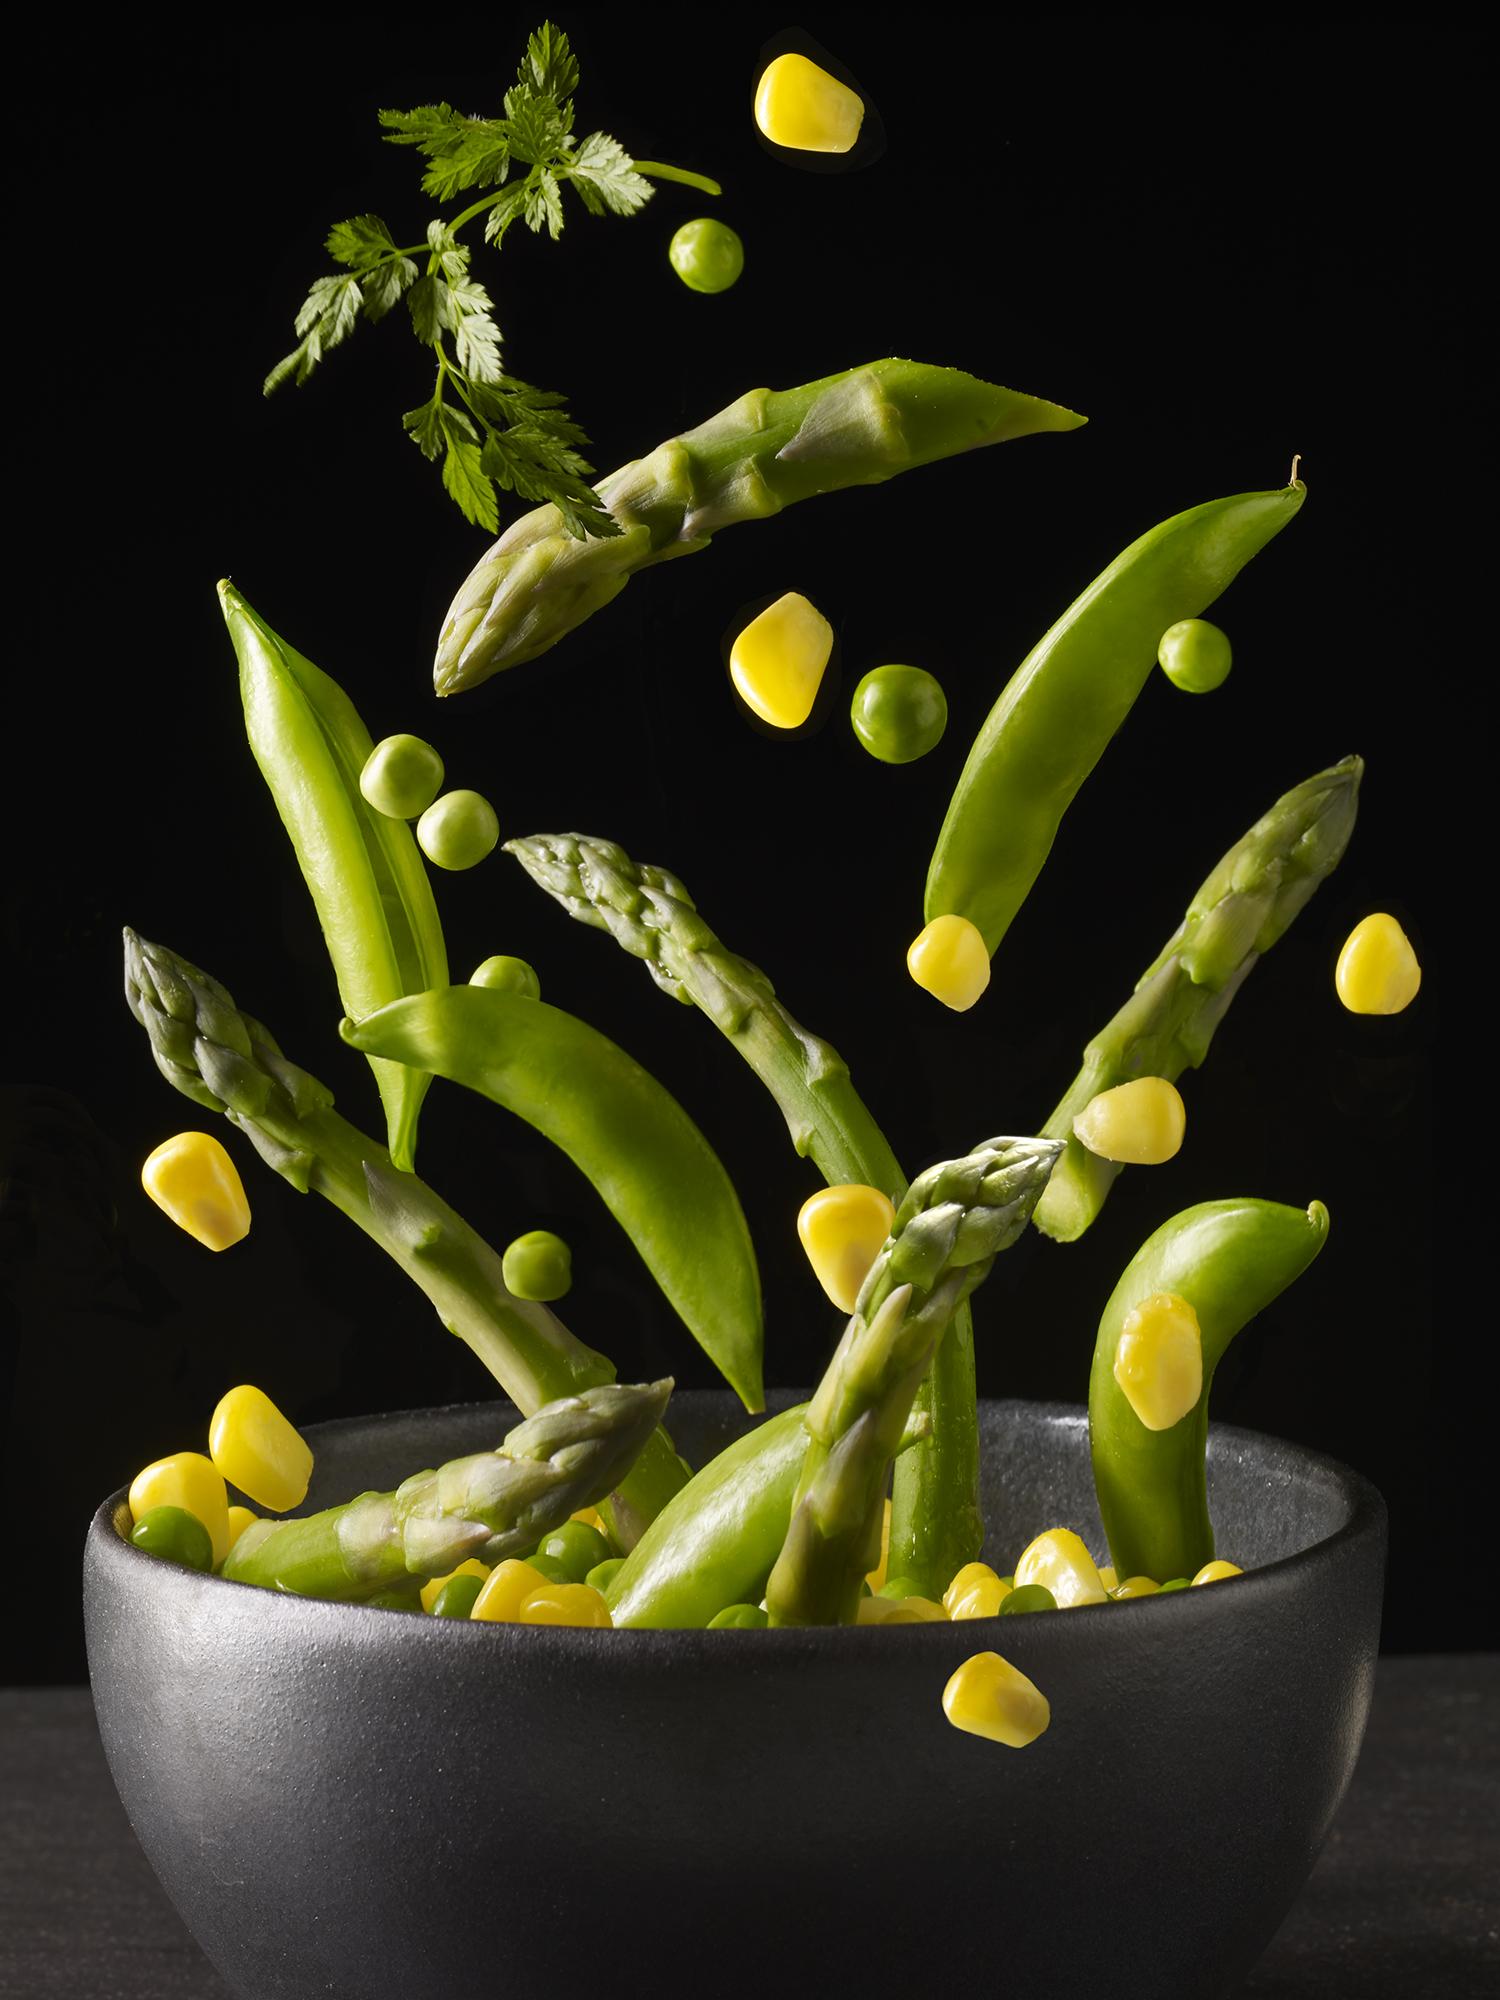 Flying asparagus and peas.jpg